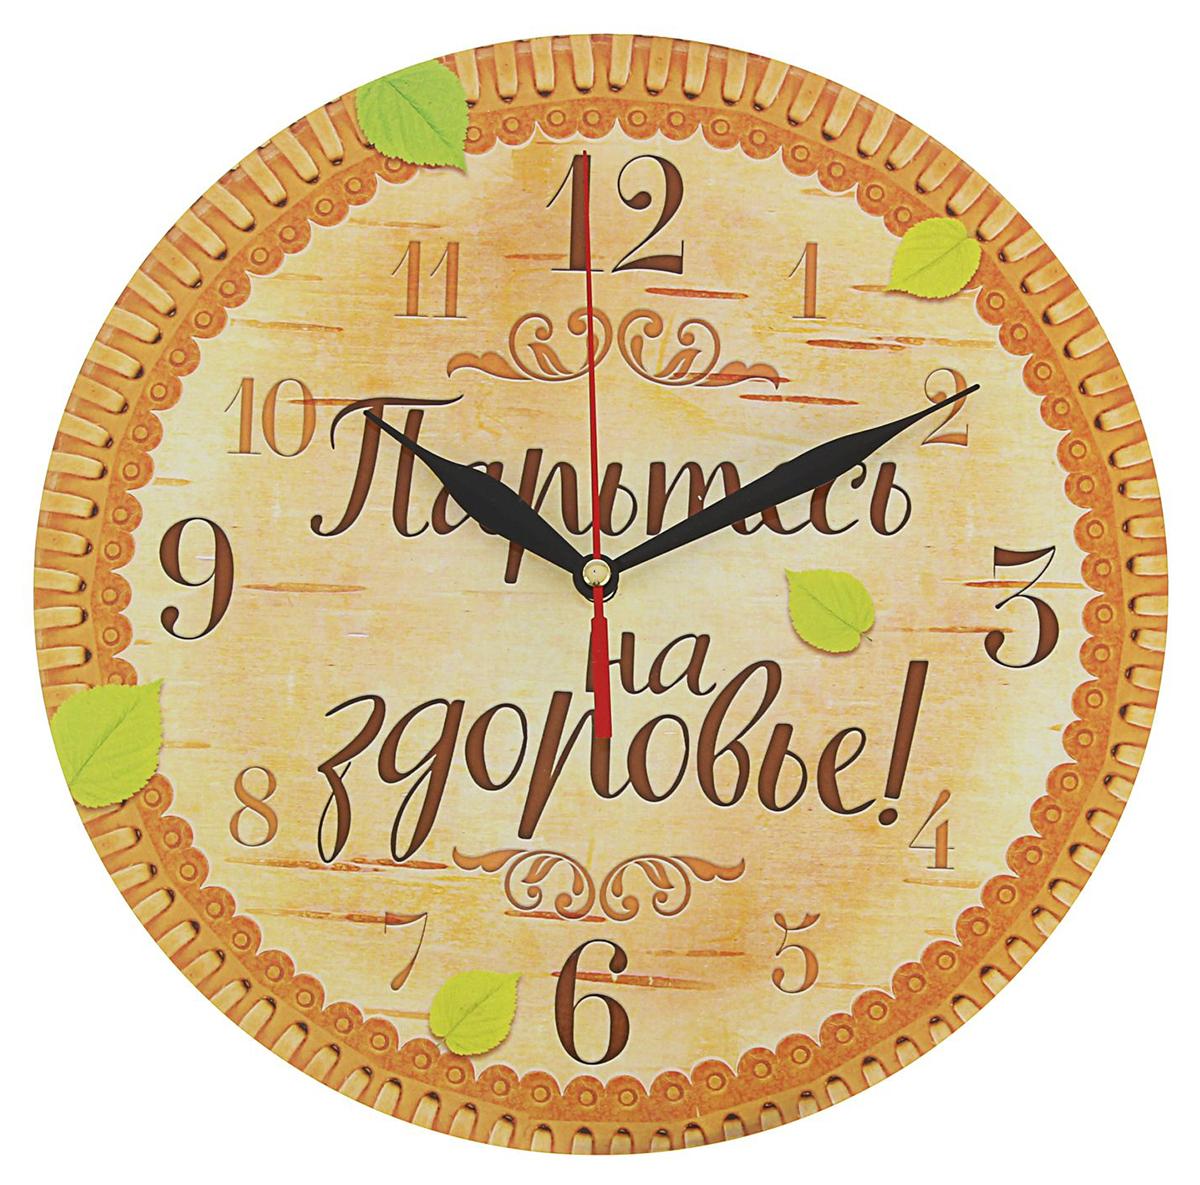 Часы настенные Парьтесь на здоровье, диаметр 24 см1275409Проводите время с пользой Настоящий мужской отдых невозможен без хорошей бани! Чтобы не потерять ощущение времени, проводя приятный досуг в отличной компании, повесьте на стену часы, но не простые, а те, что отражают настроение и вписываются в интерьер. Наши часы с пожеланием «Русская баня» станут полезным приобретением, которое будет долго радовать владельца. Если стрелки остановятся, поменяйте батарейку и вперед — париться и отдыхать!Часы Парьтесь на здоровье полноцветная печать, O24 см 1275409